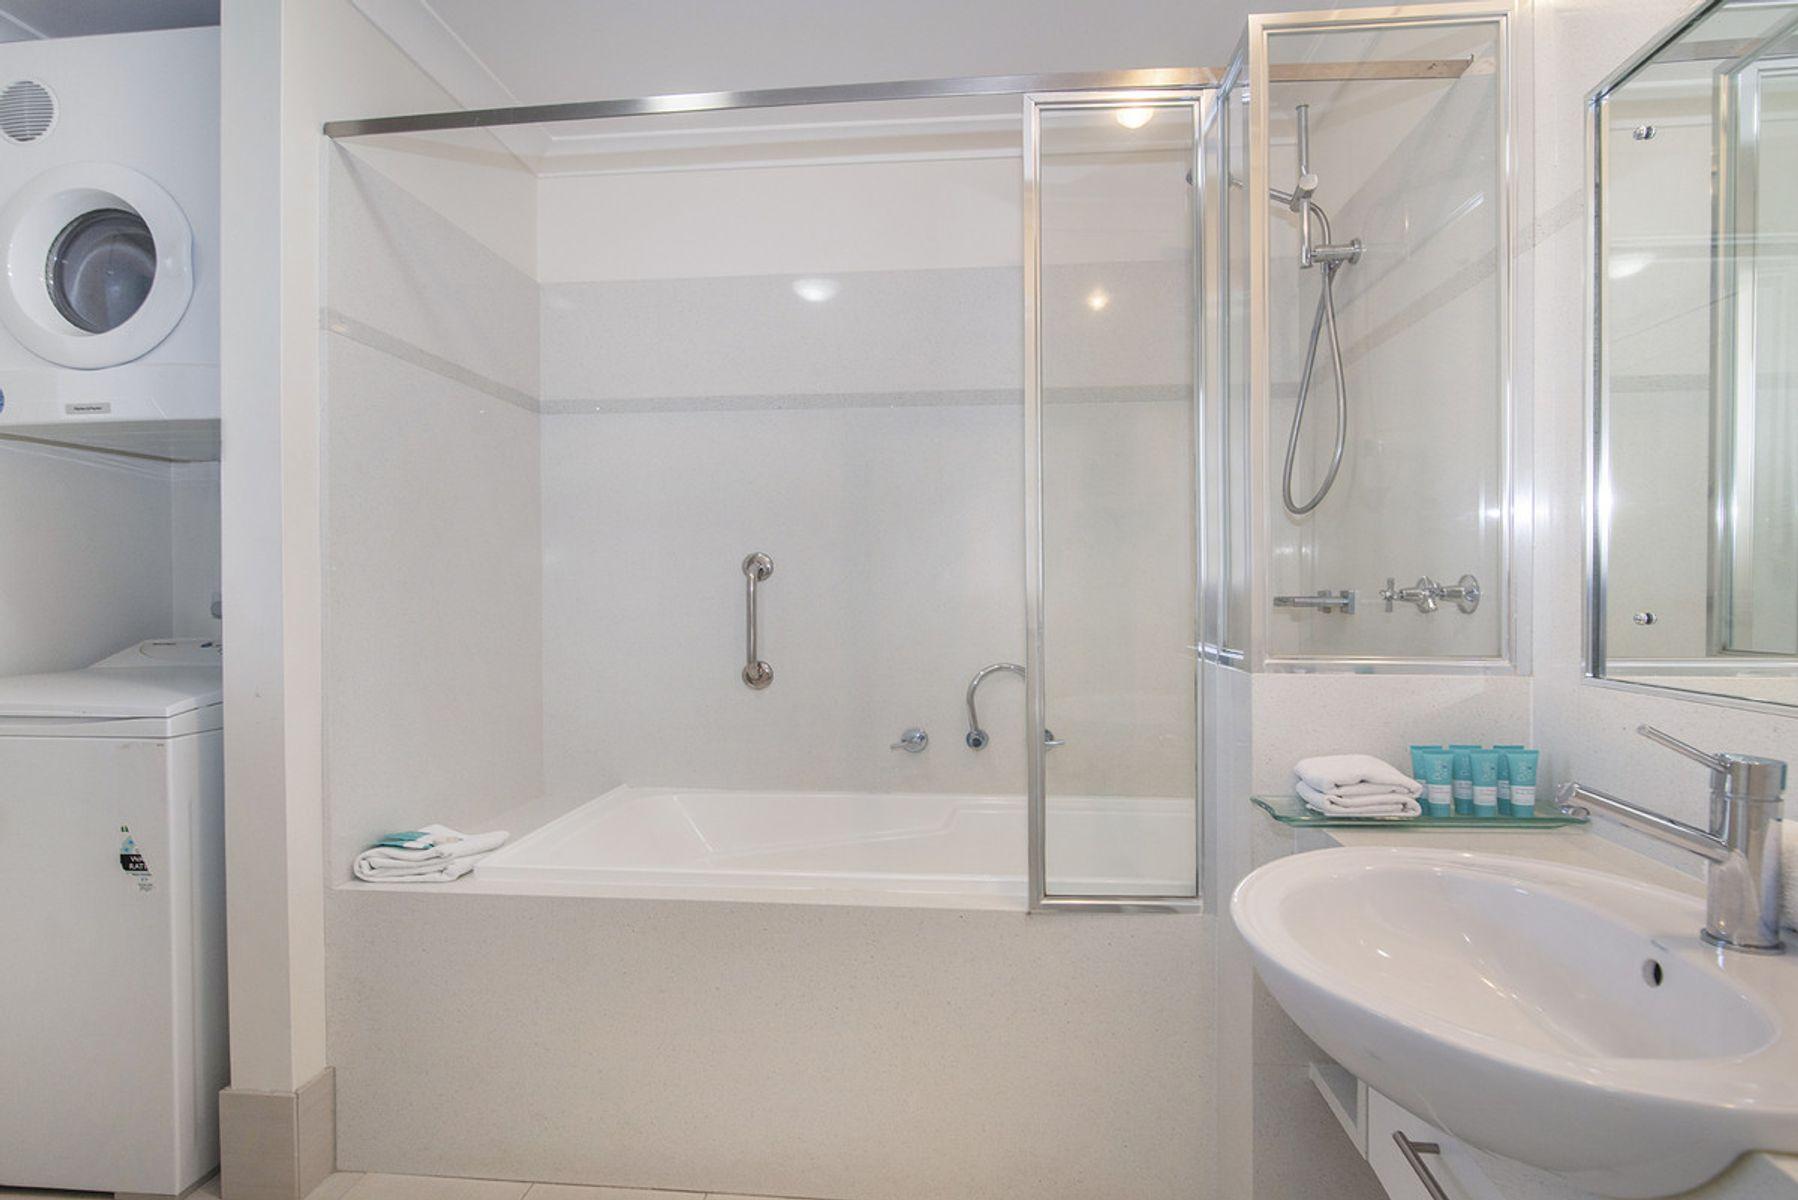 130/1 Resort Place, Gnarabup, WA 6285